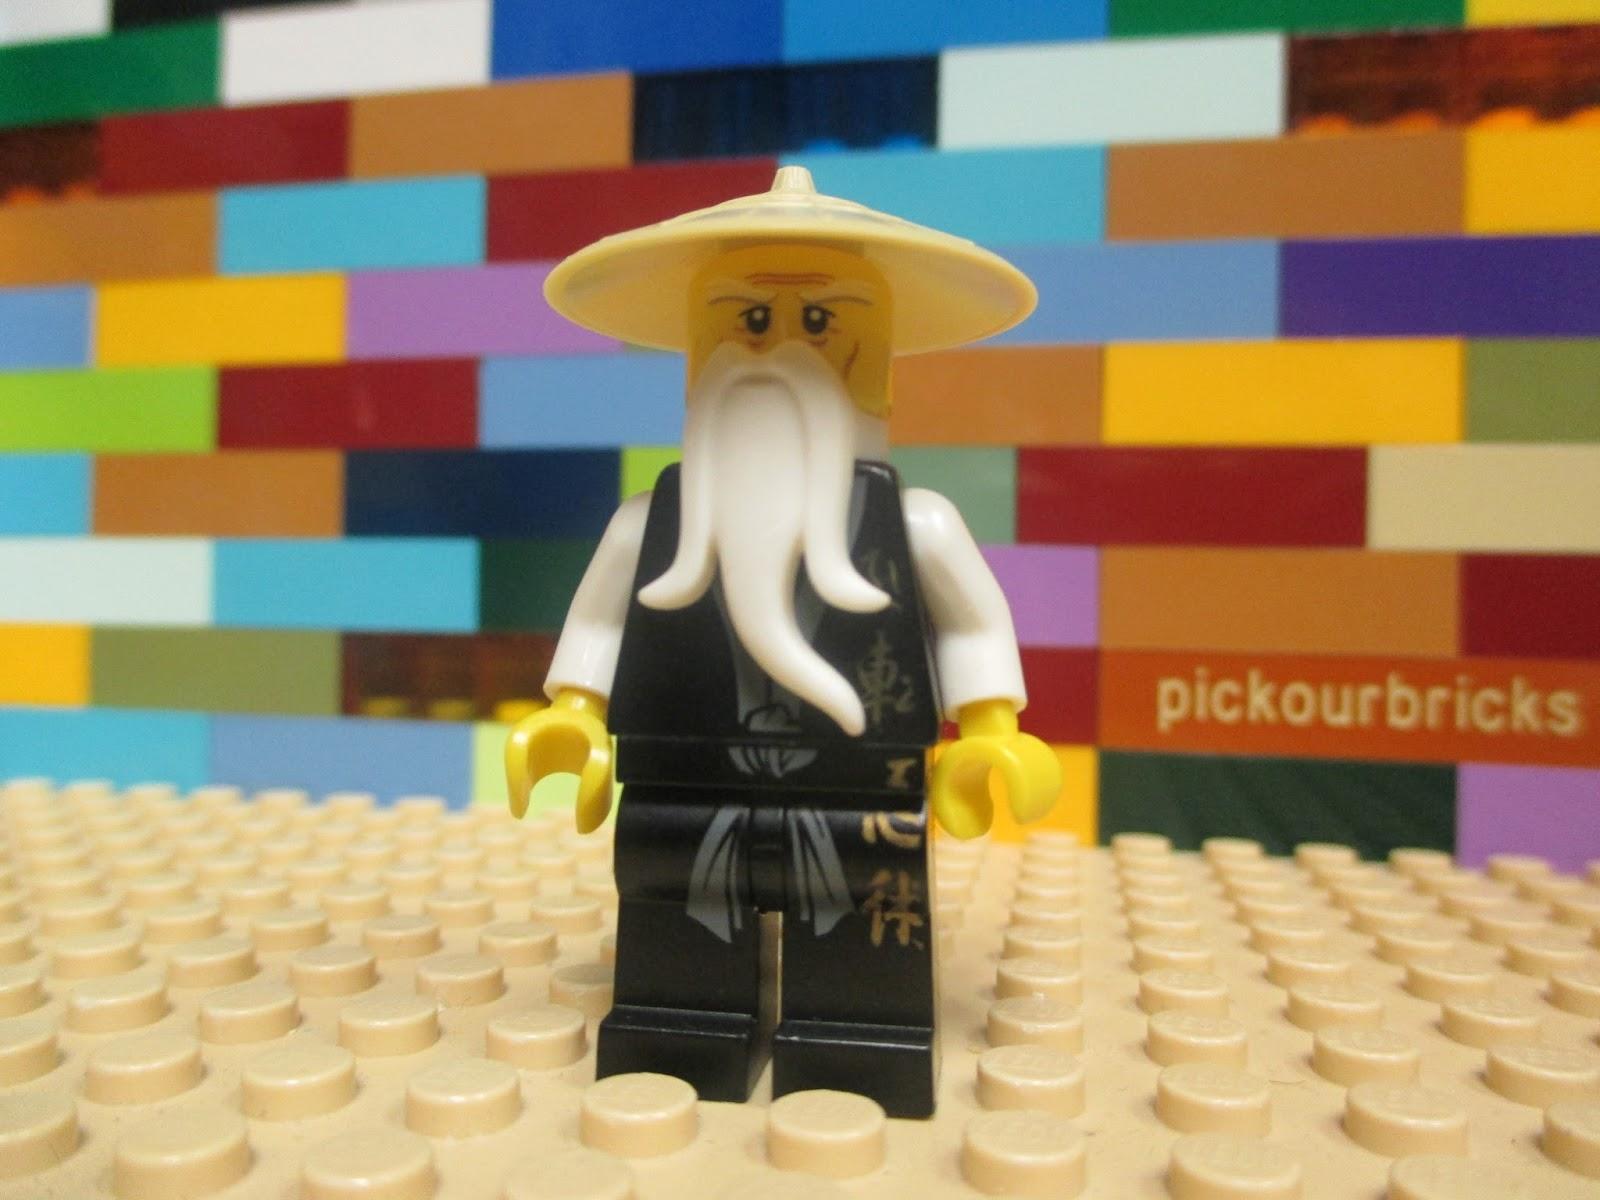 LEGO White 1x12x3 Arch Specialty Decorative Bricks